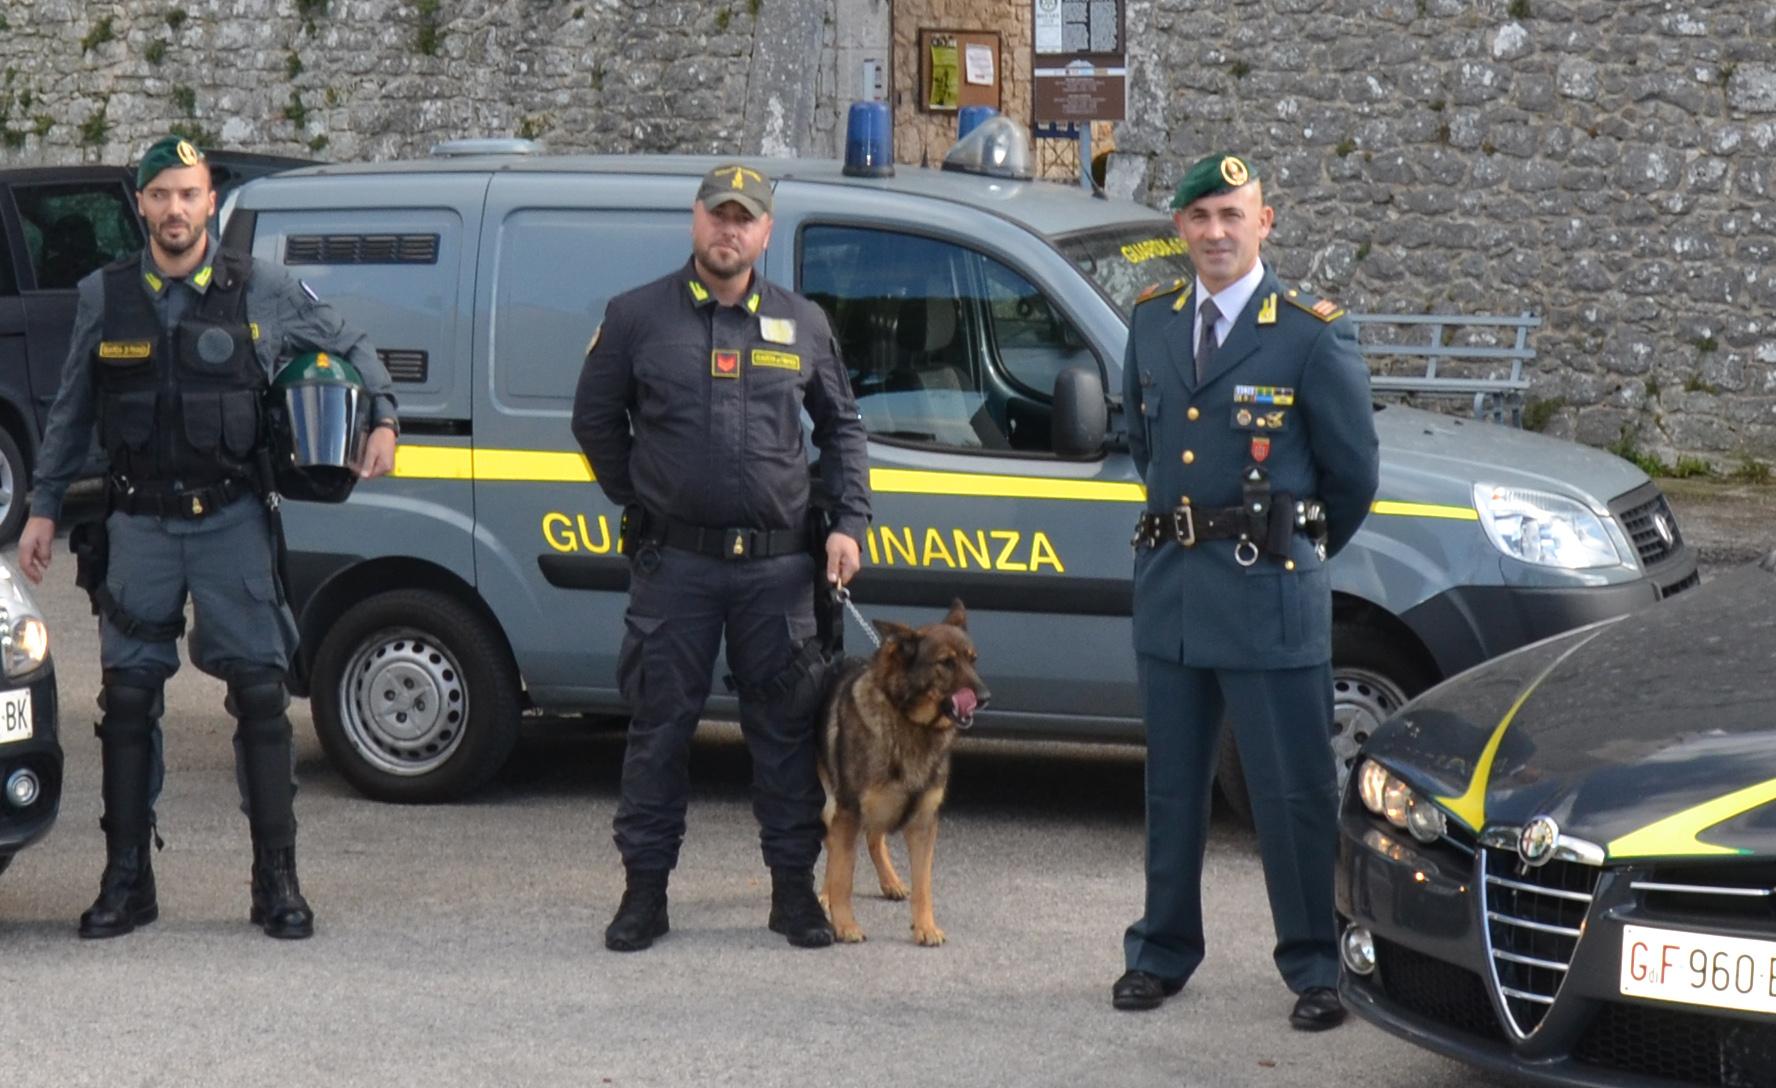 Maxi evasione fiscale nel salernitano: sequestrati beni per un milione di euro